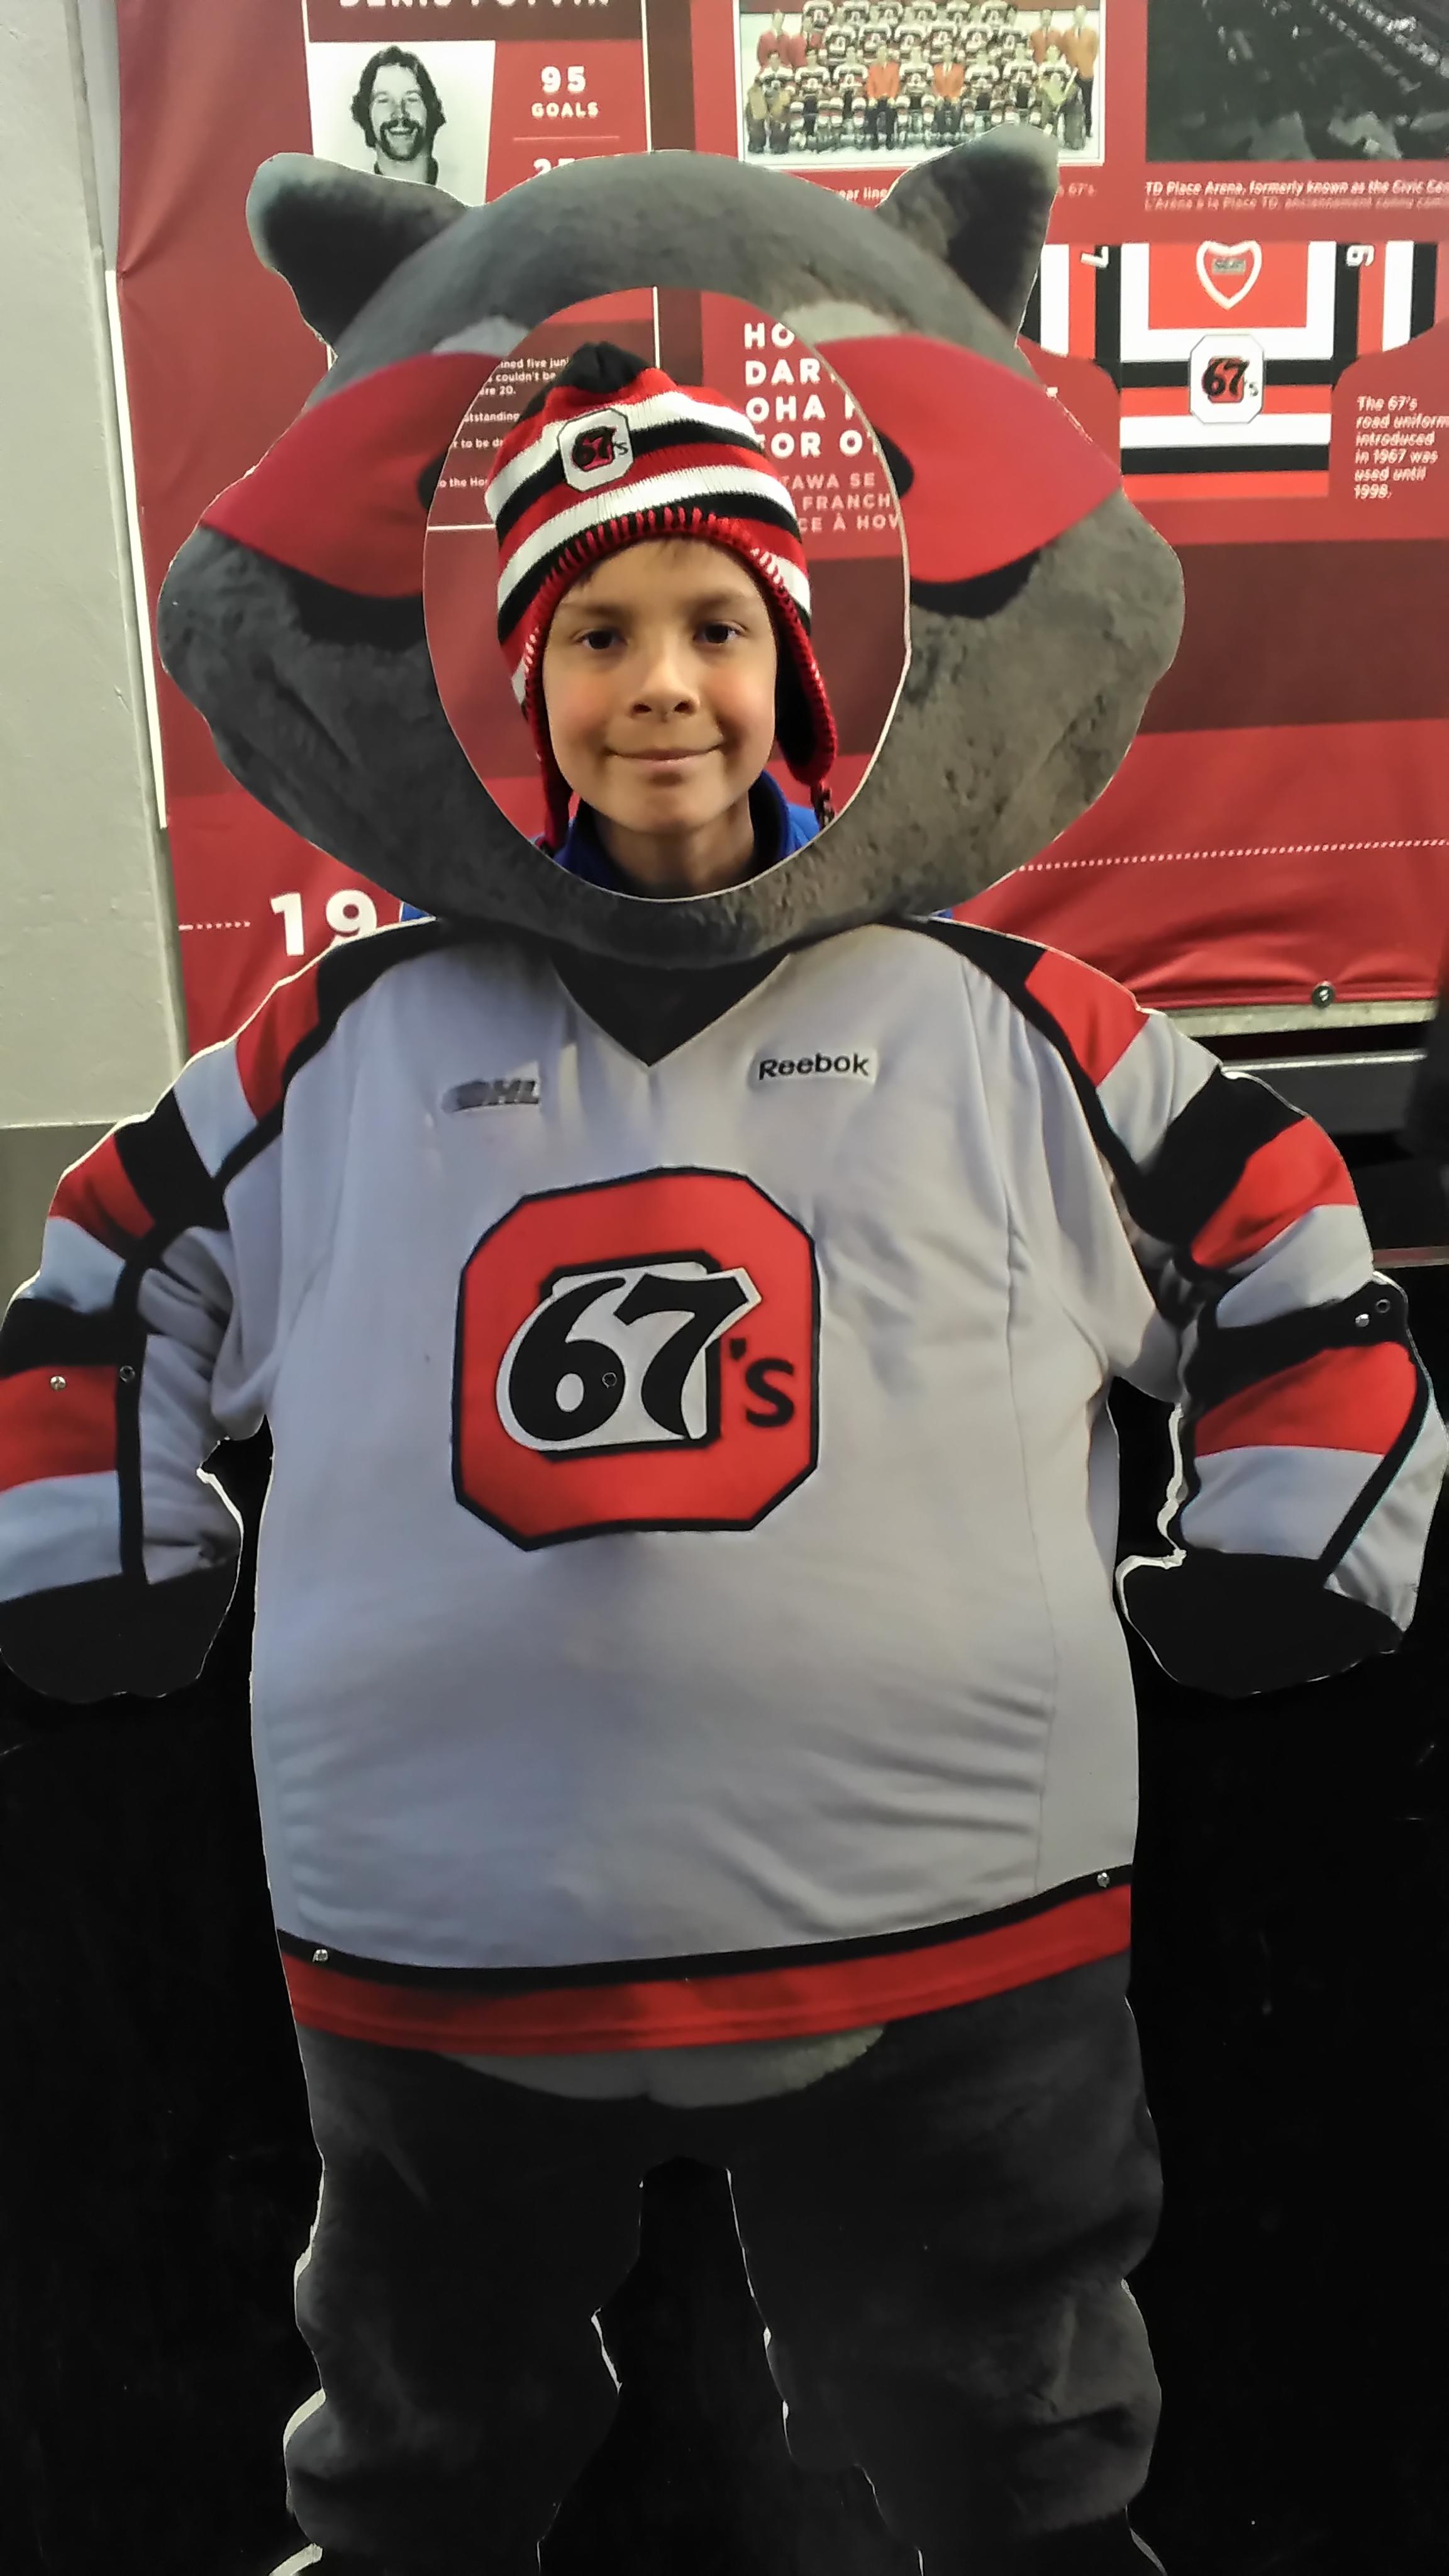 Family Friendly Hockey with the Ottawa 67s!